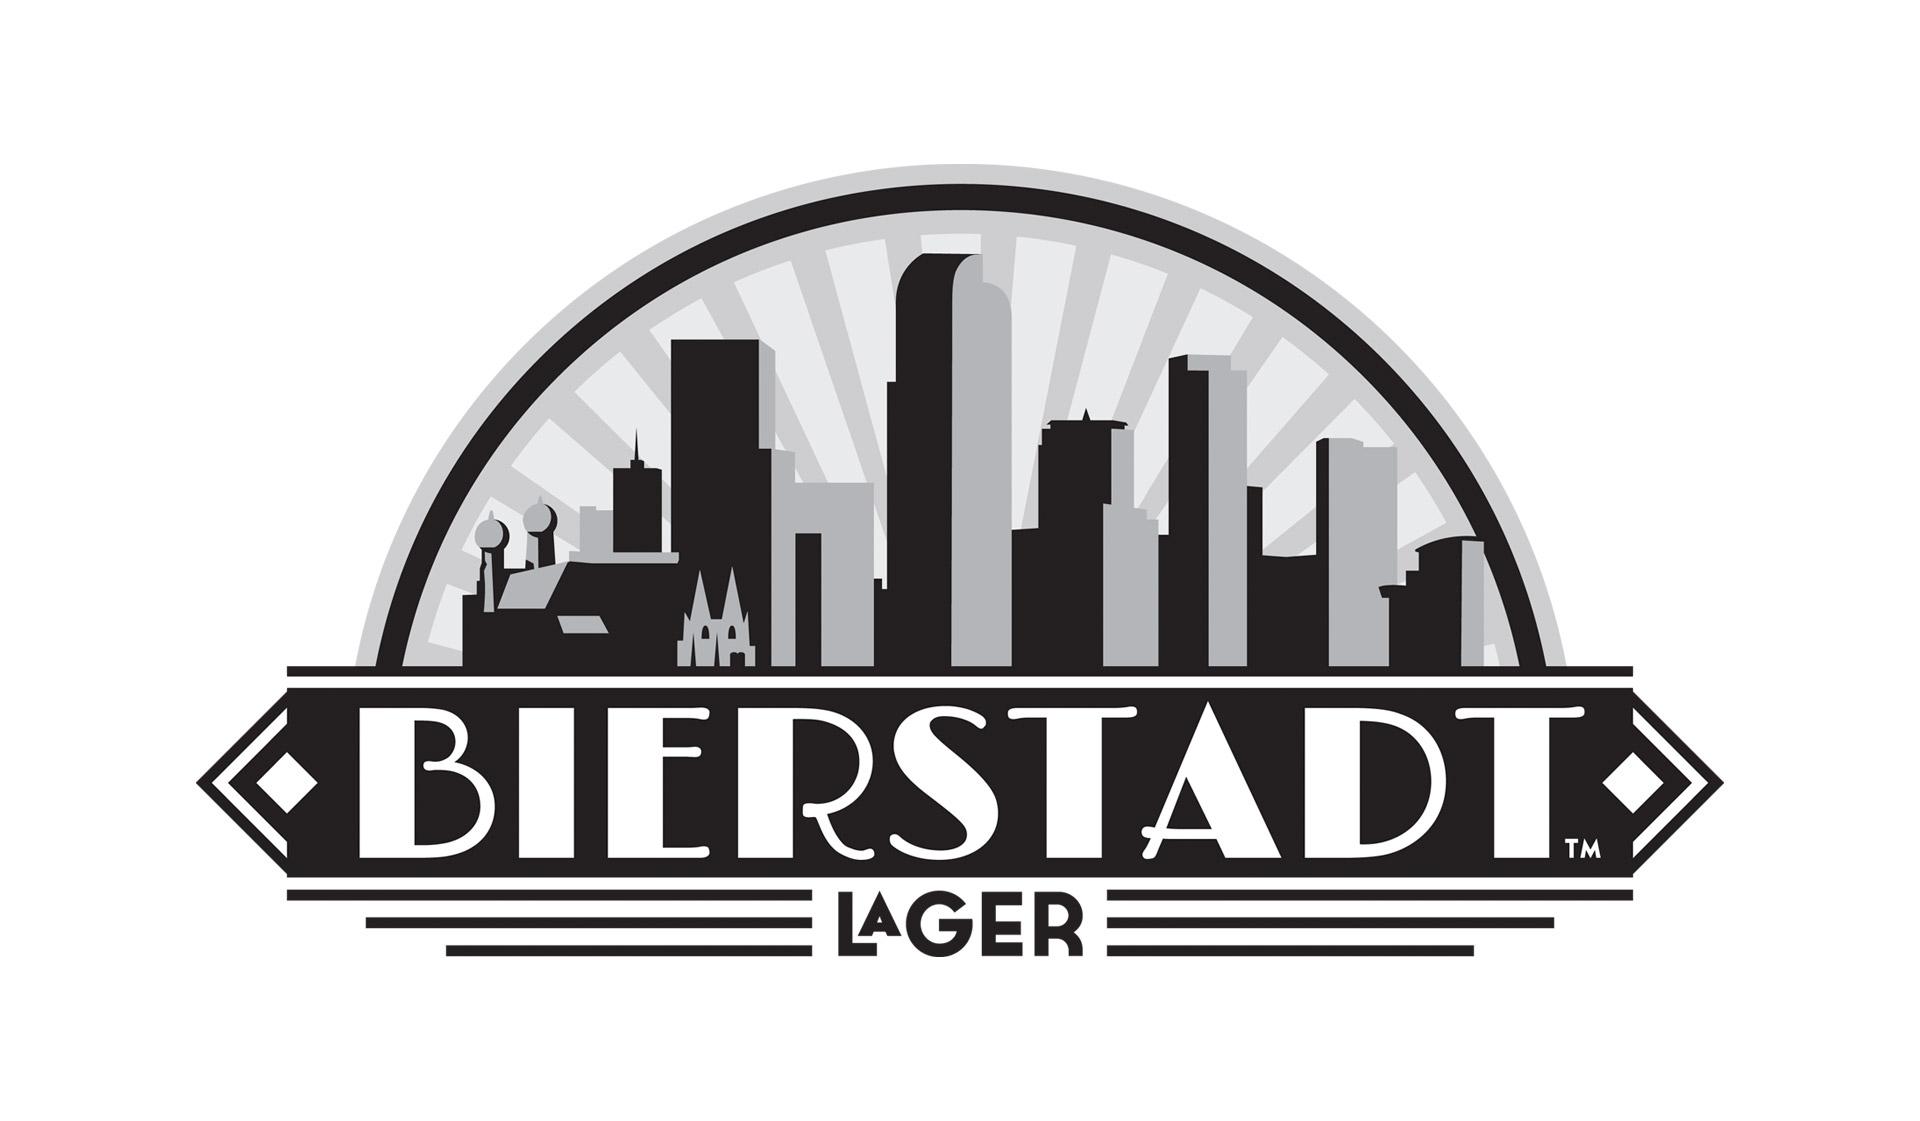 Bierstadt Lagerhaus Branding